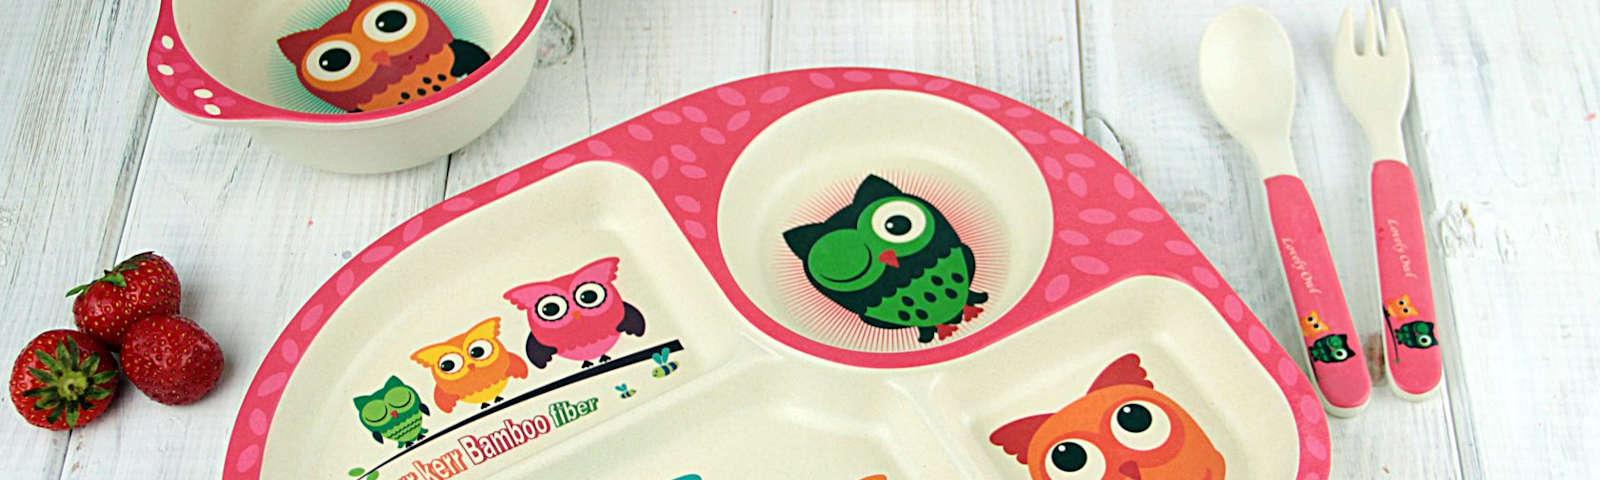 безопасная детская посуда фото